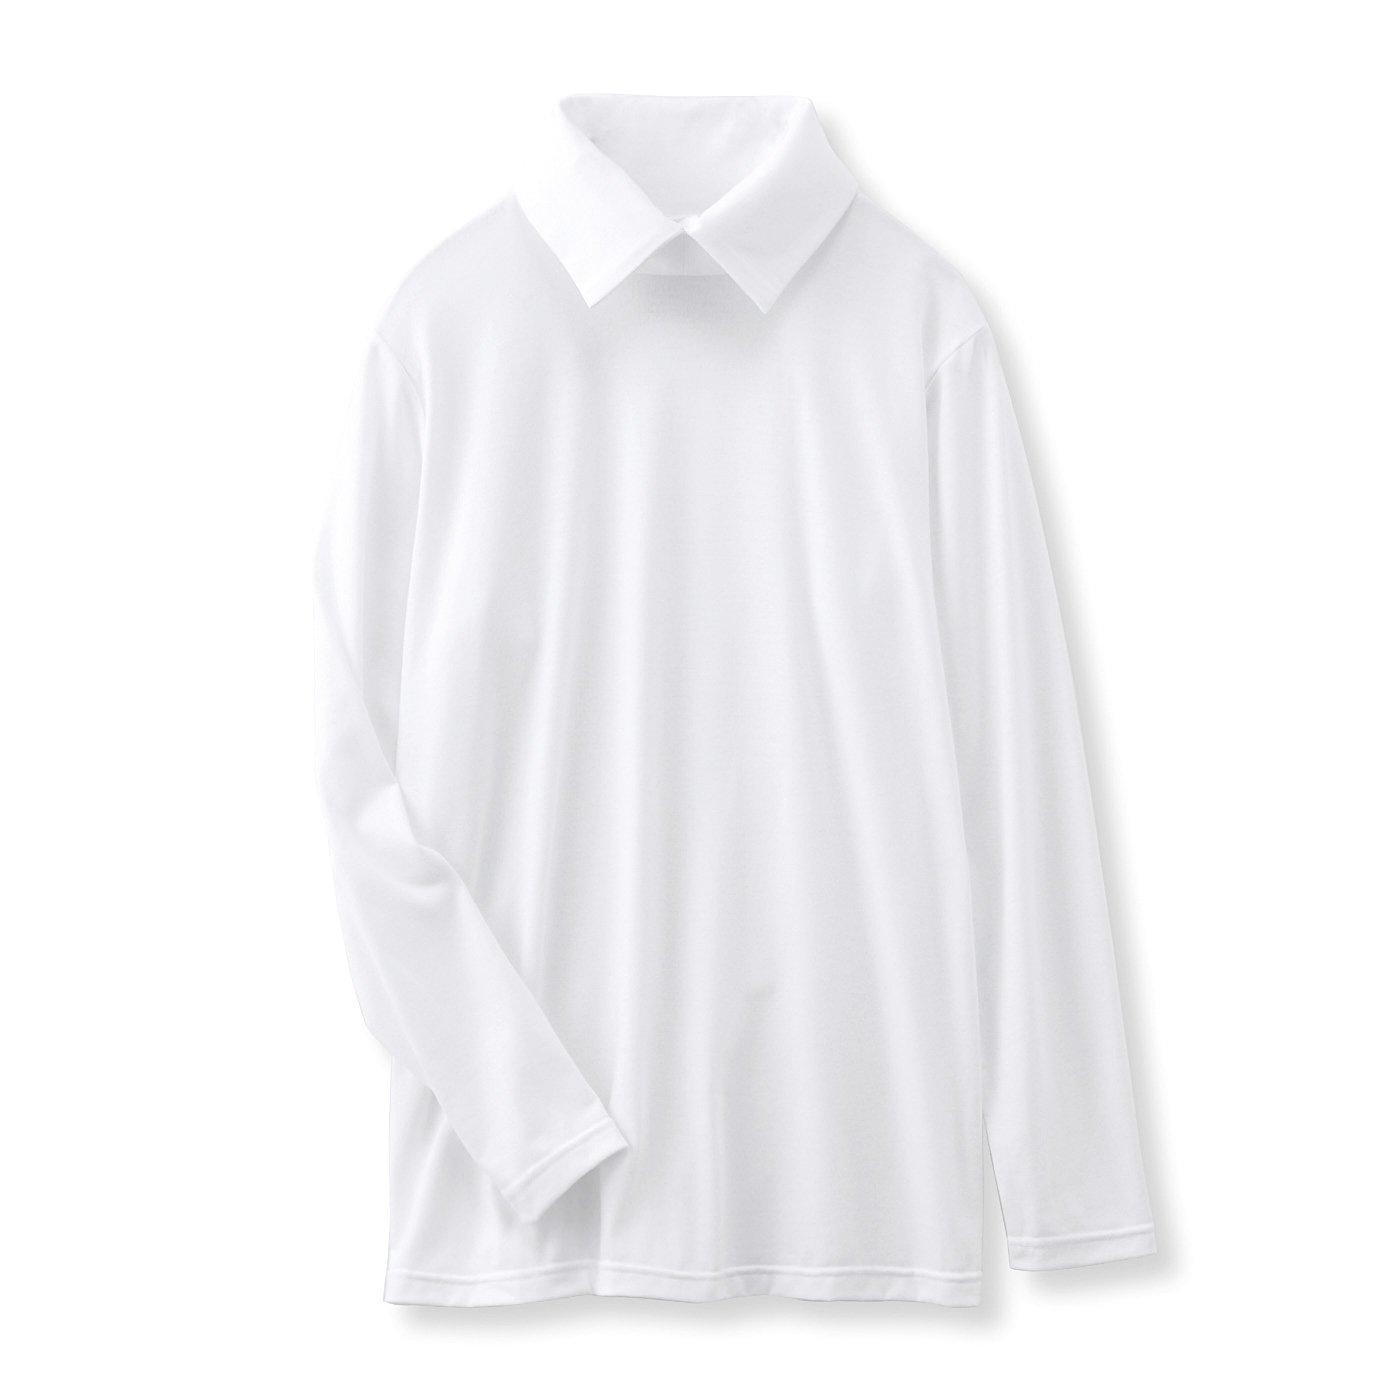 フラウグラット 重ね着上手な衿いろいろ 名わき役ホワイトトップス〈吸水速乾〉〈シャツ風カラー〉